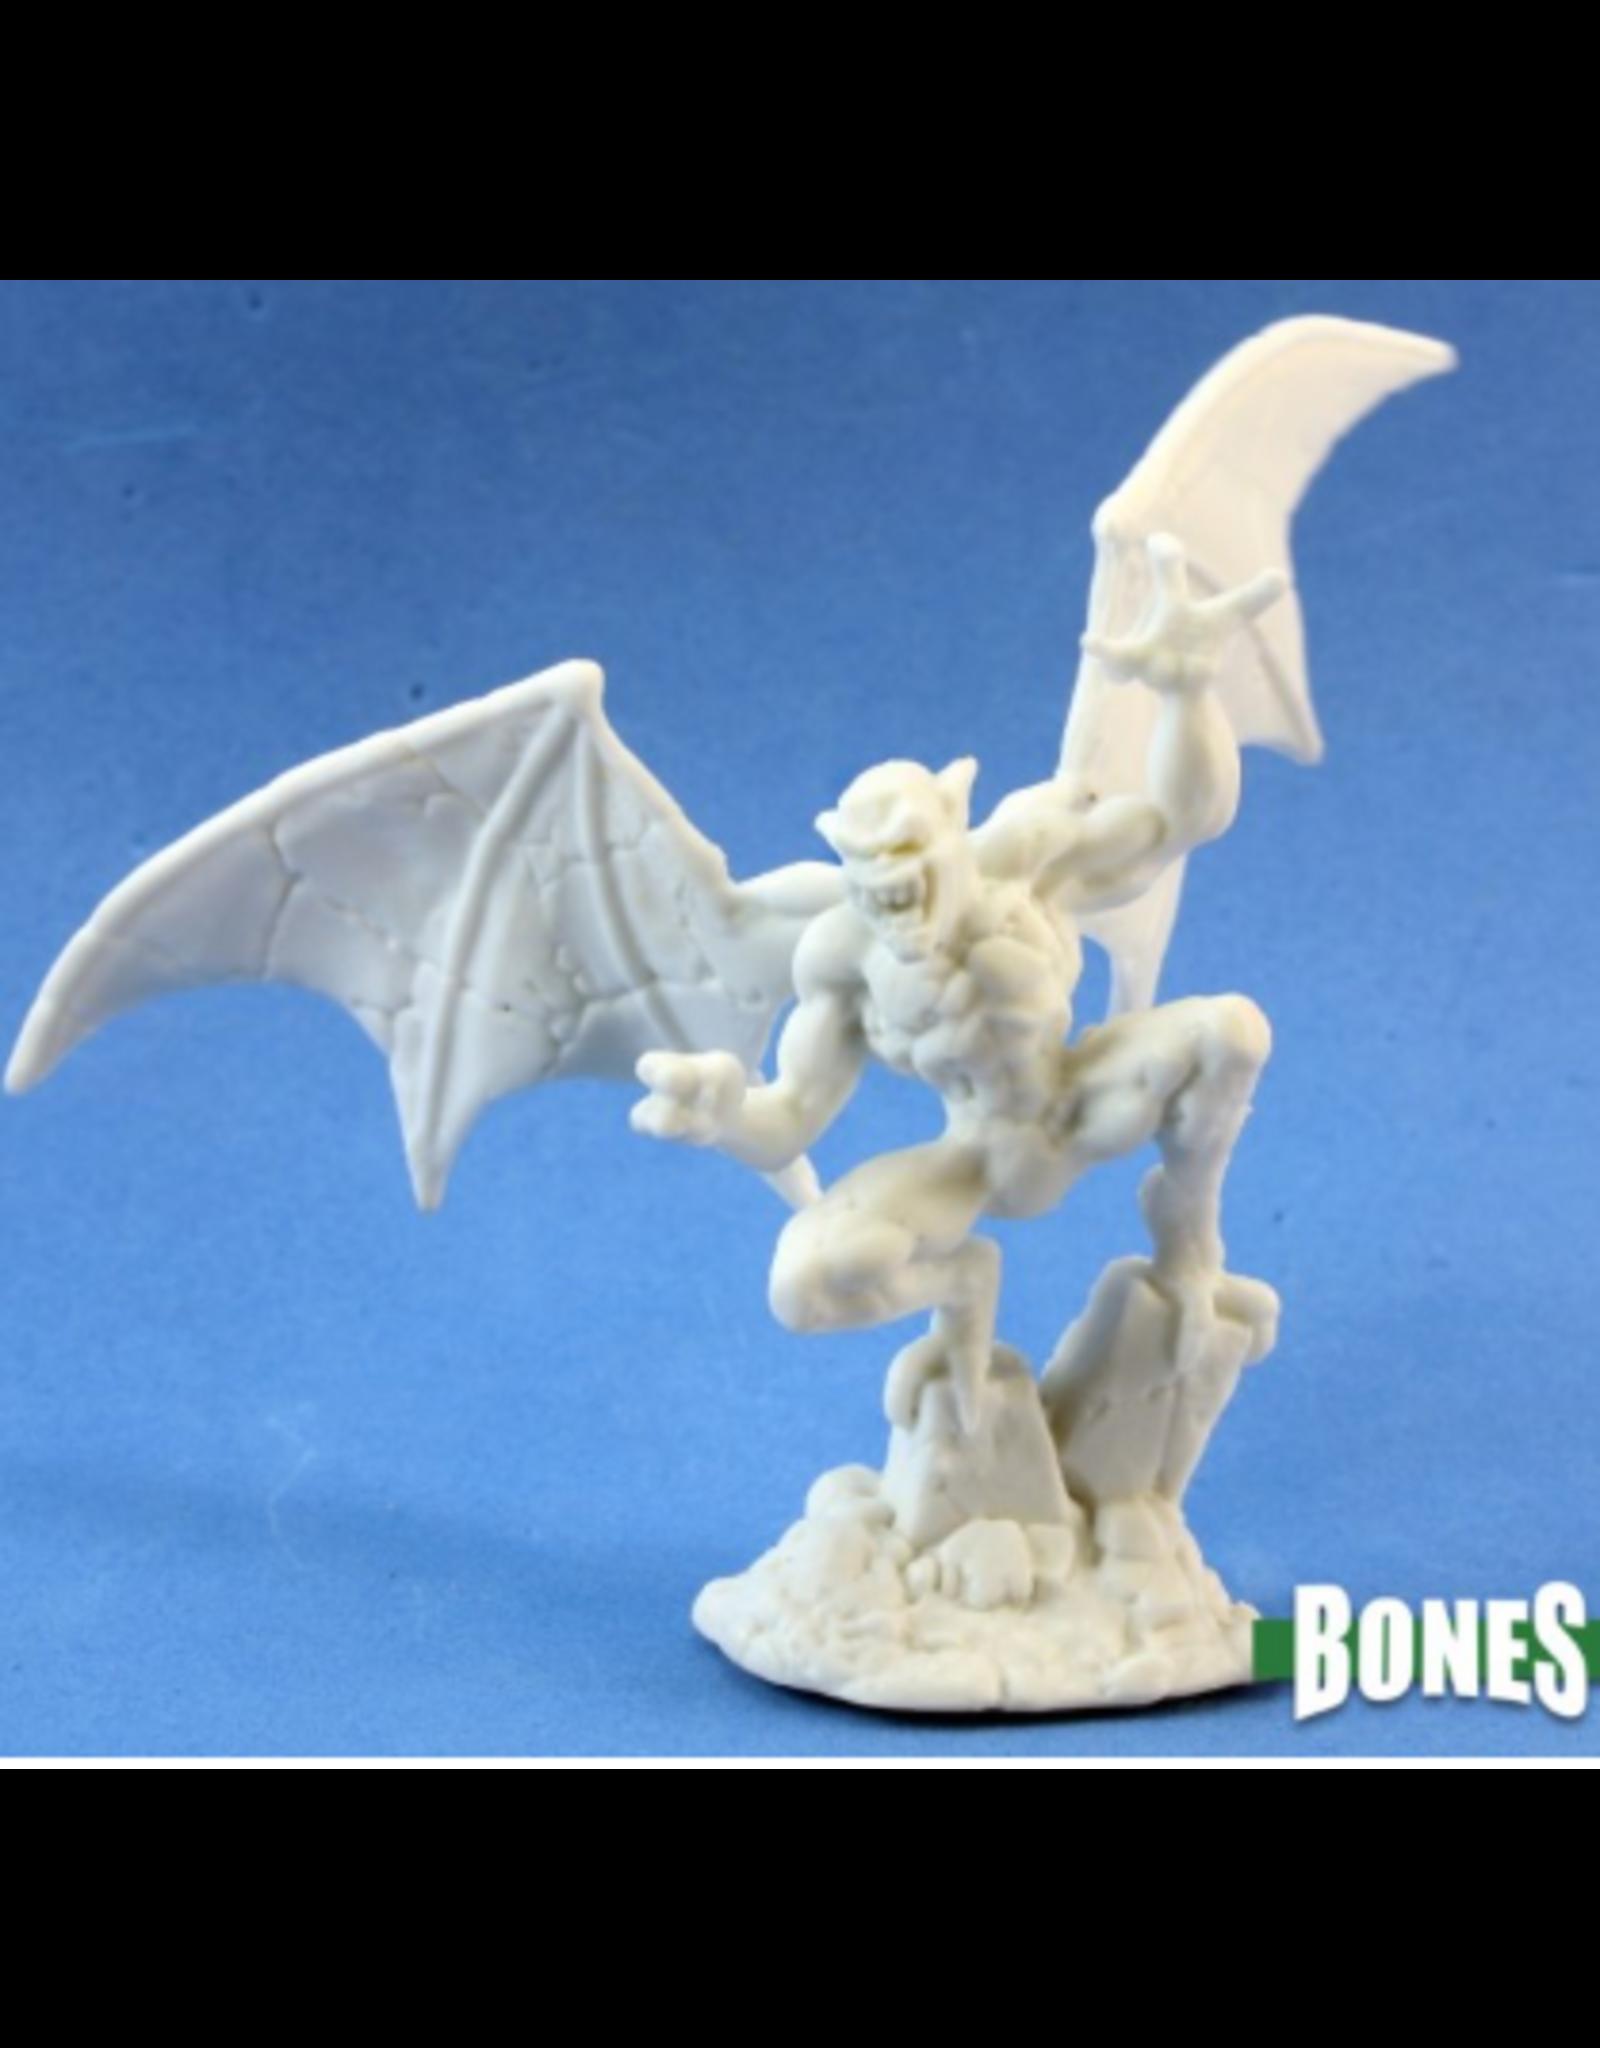 Reaper Dark Heaven Bones: Gargoyle